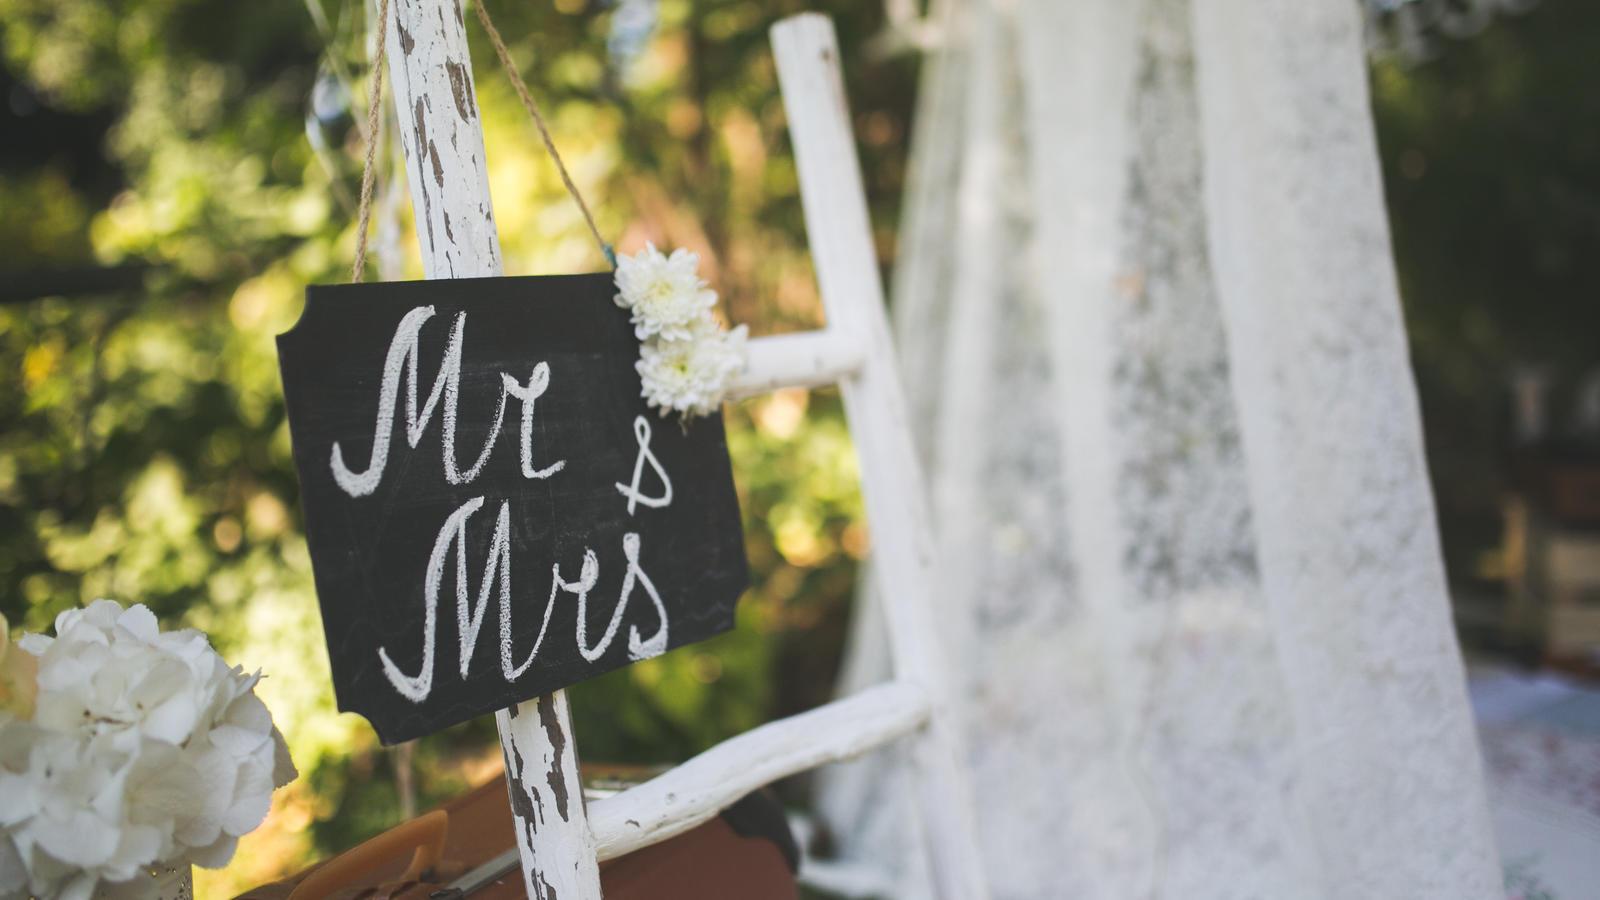 Britisches Paar verschickt kuriose Hochzeitseinladung:  Einteilung in Kategorien entscheidet  über die Gäste